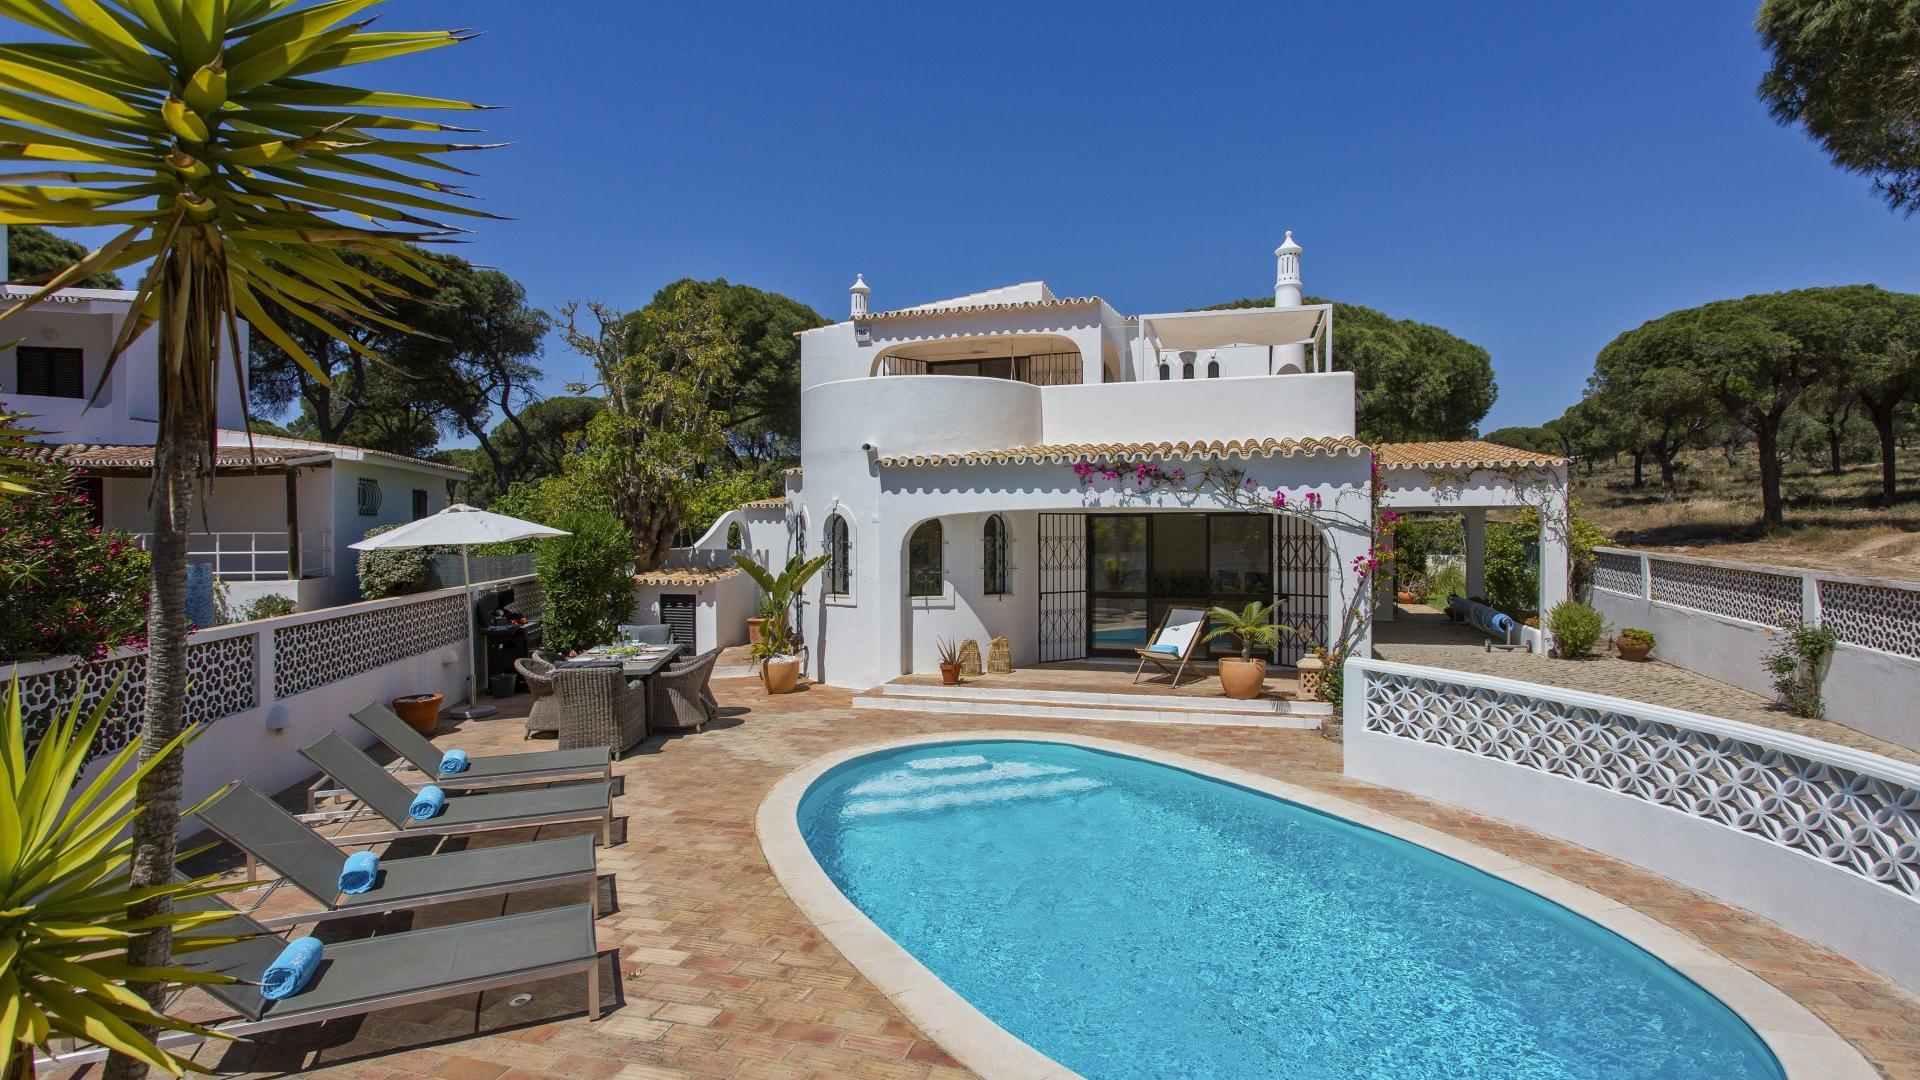 Casa Limoeiro - Vale do Garrão, Vale do Lobo, Algarve - Casa_Limoeiro_Exterior_2.jpg